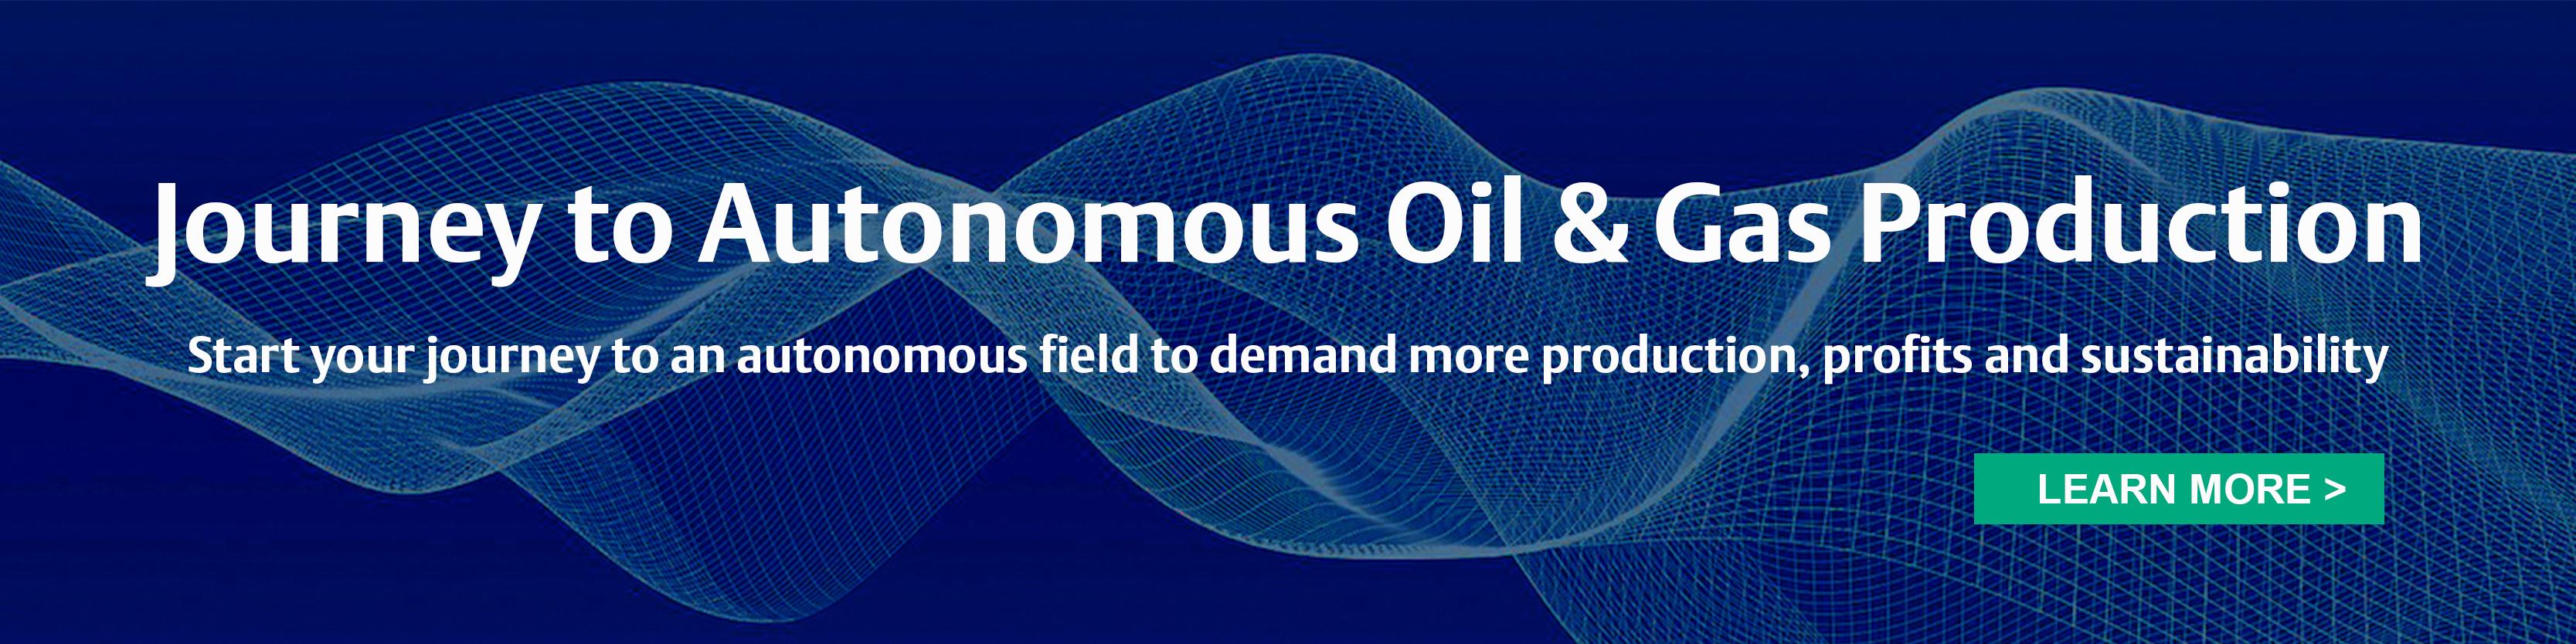 Autonomous oil and gas production